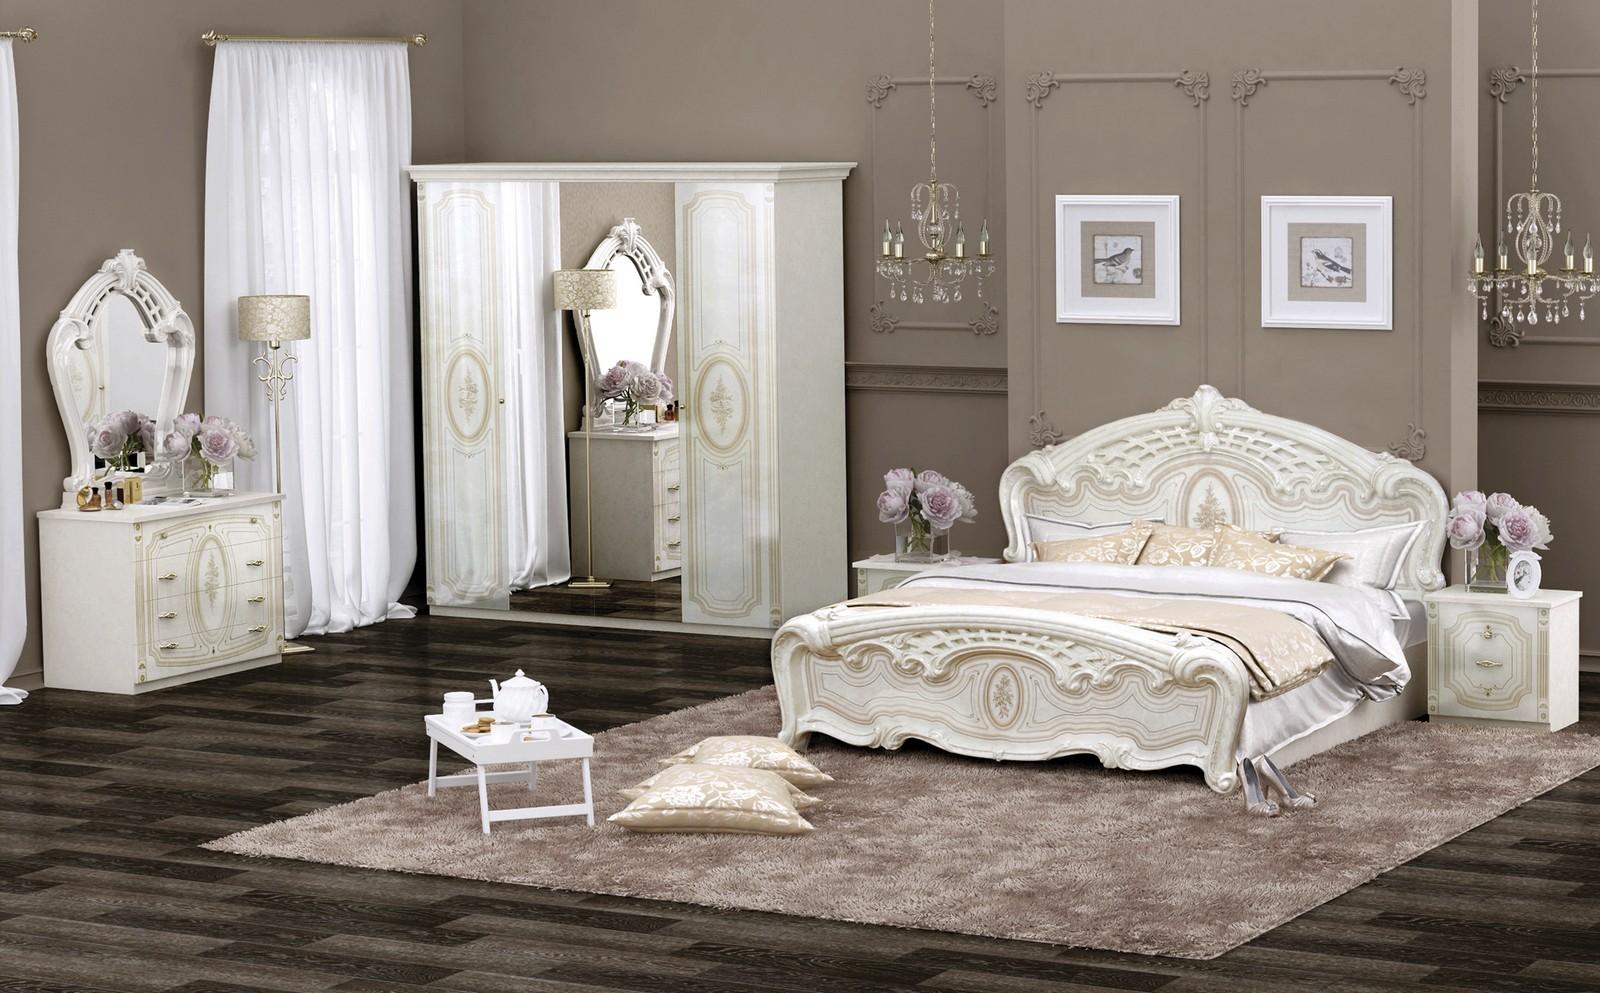 بالصور اجمل غرف نوم , اروع تصاميم لغرف النوم في العالم 1641 2